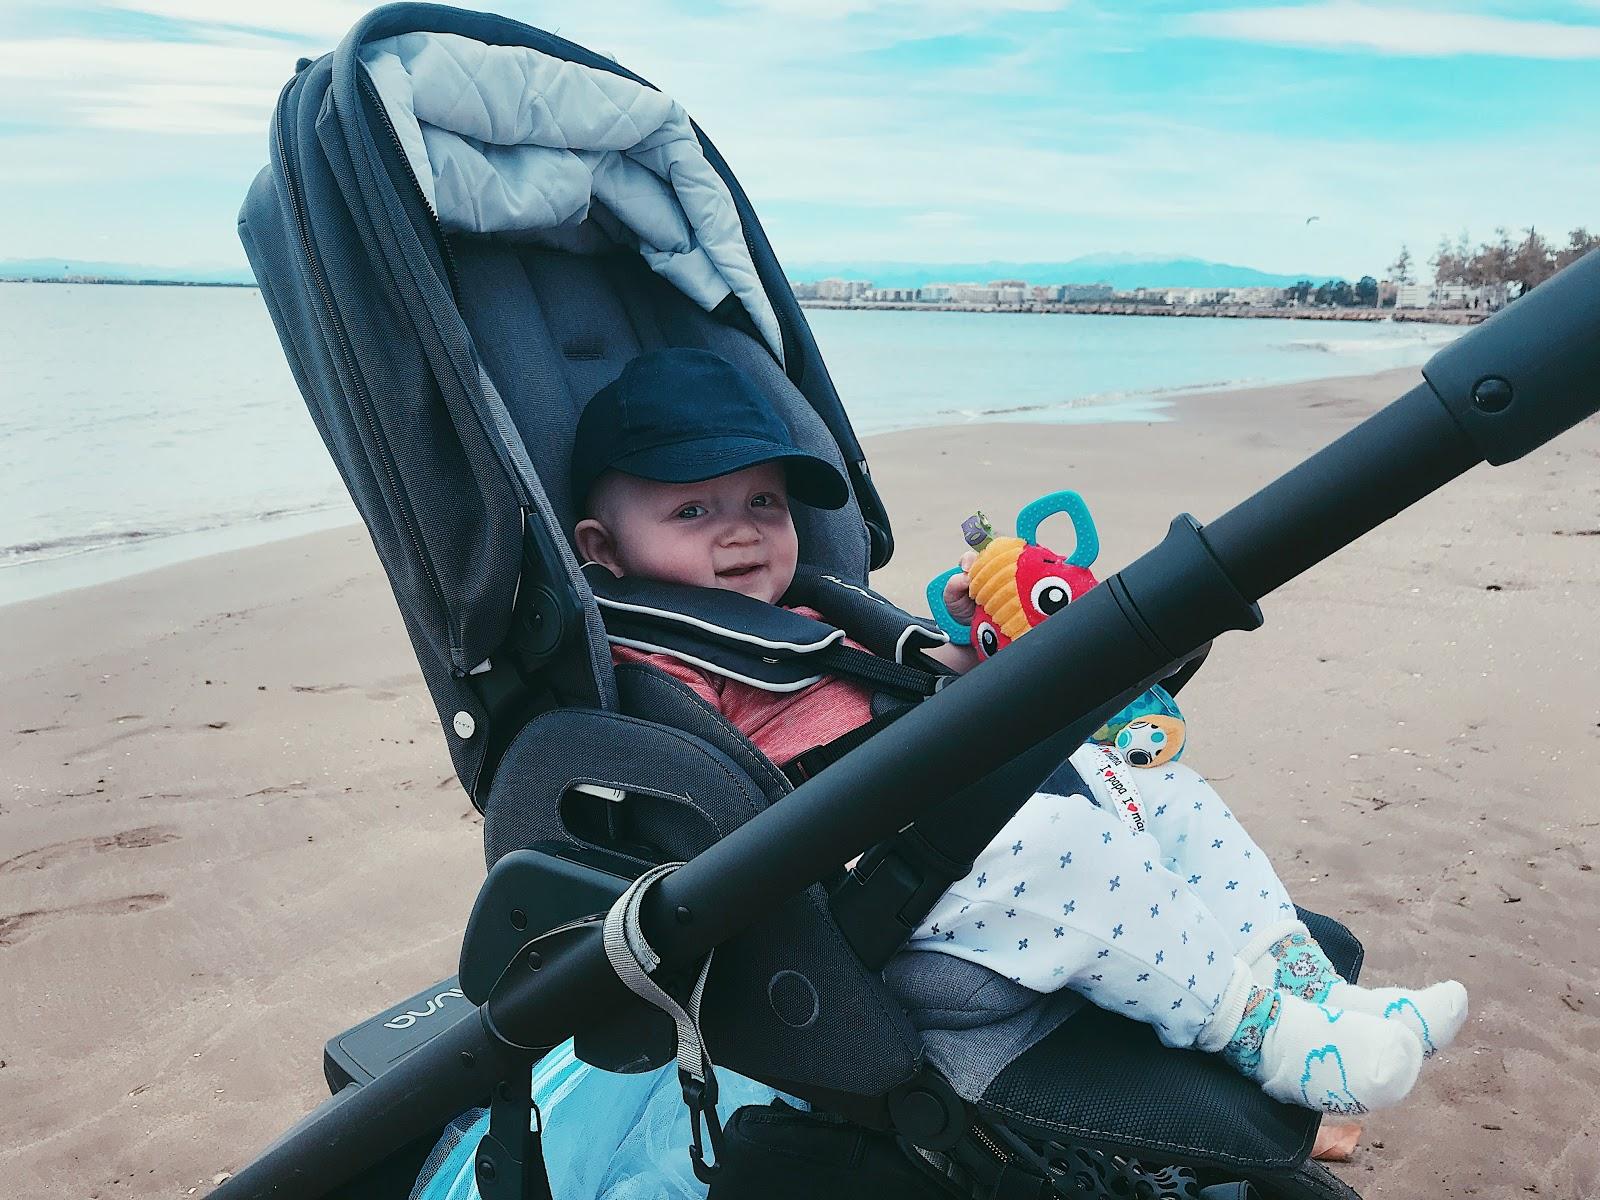 Glamview mijn week in foto's 4 -  strand zoon